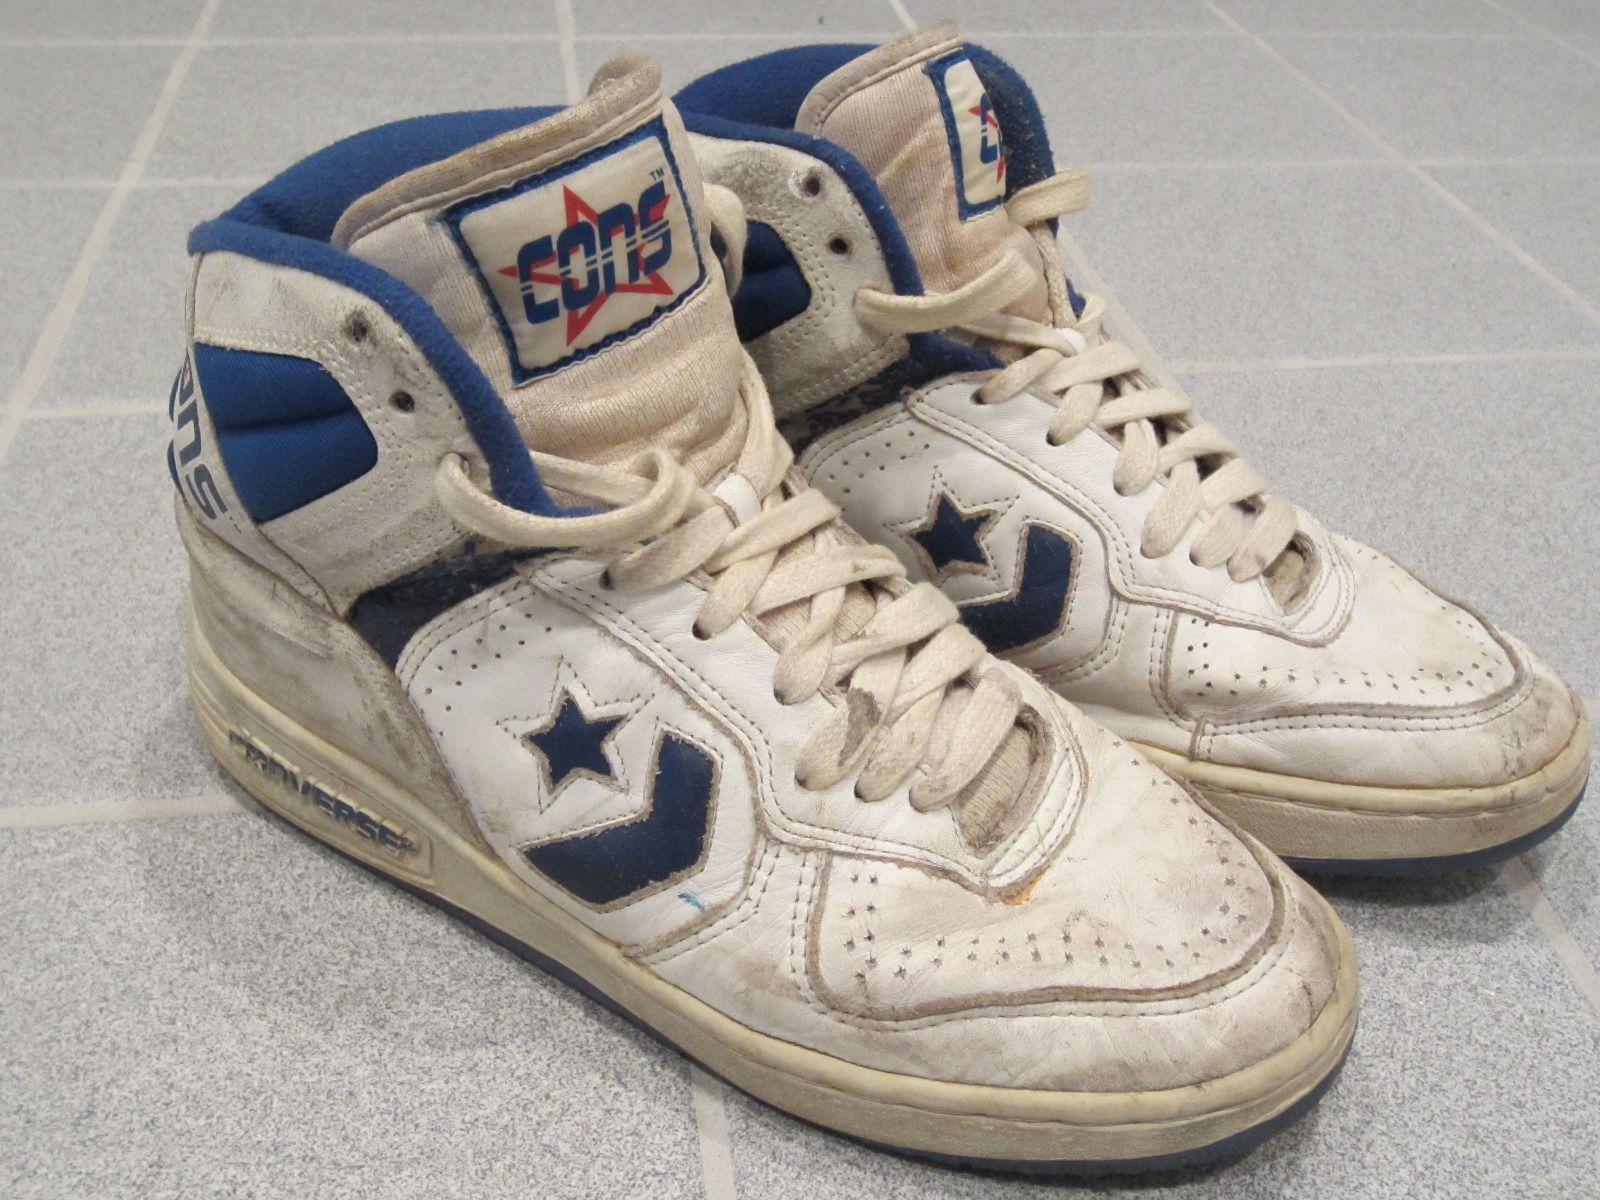 Michael Jordan. 05d9eb27670cc95e2e4e45c61b7c1fb9